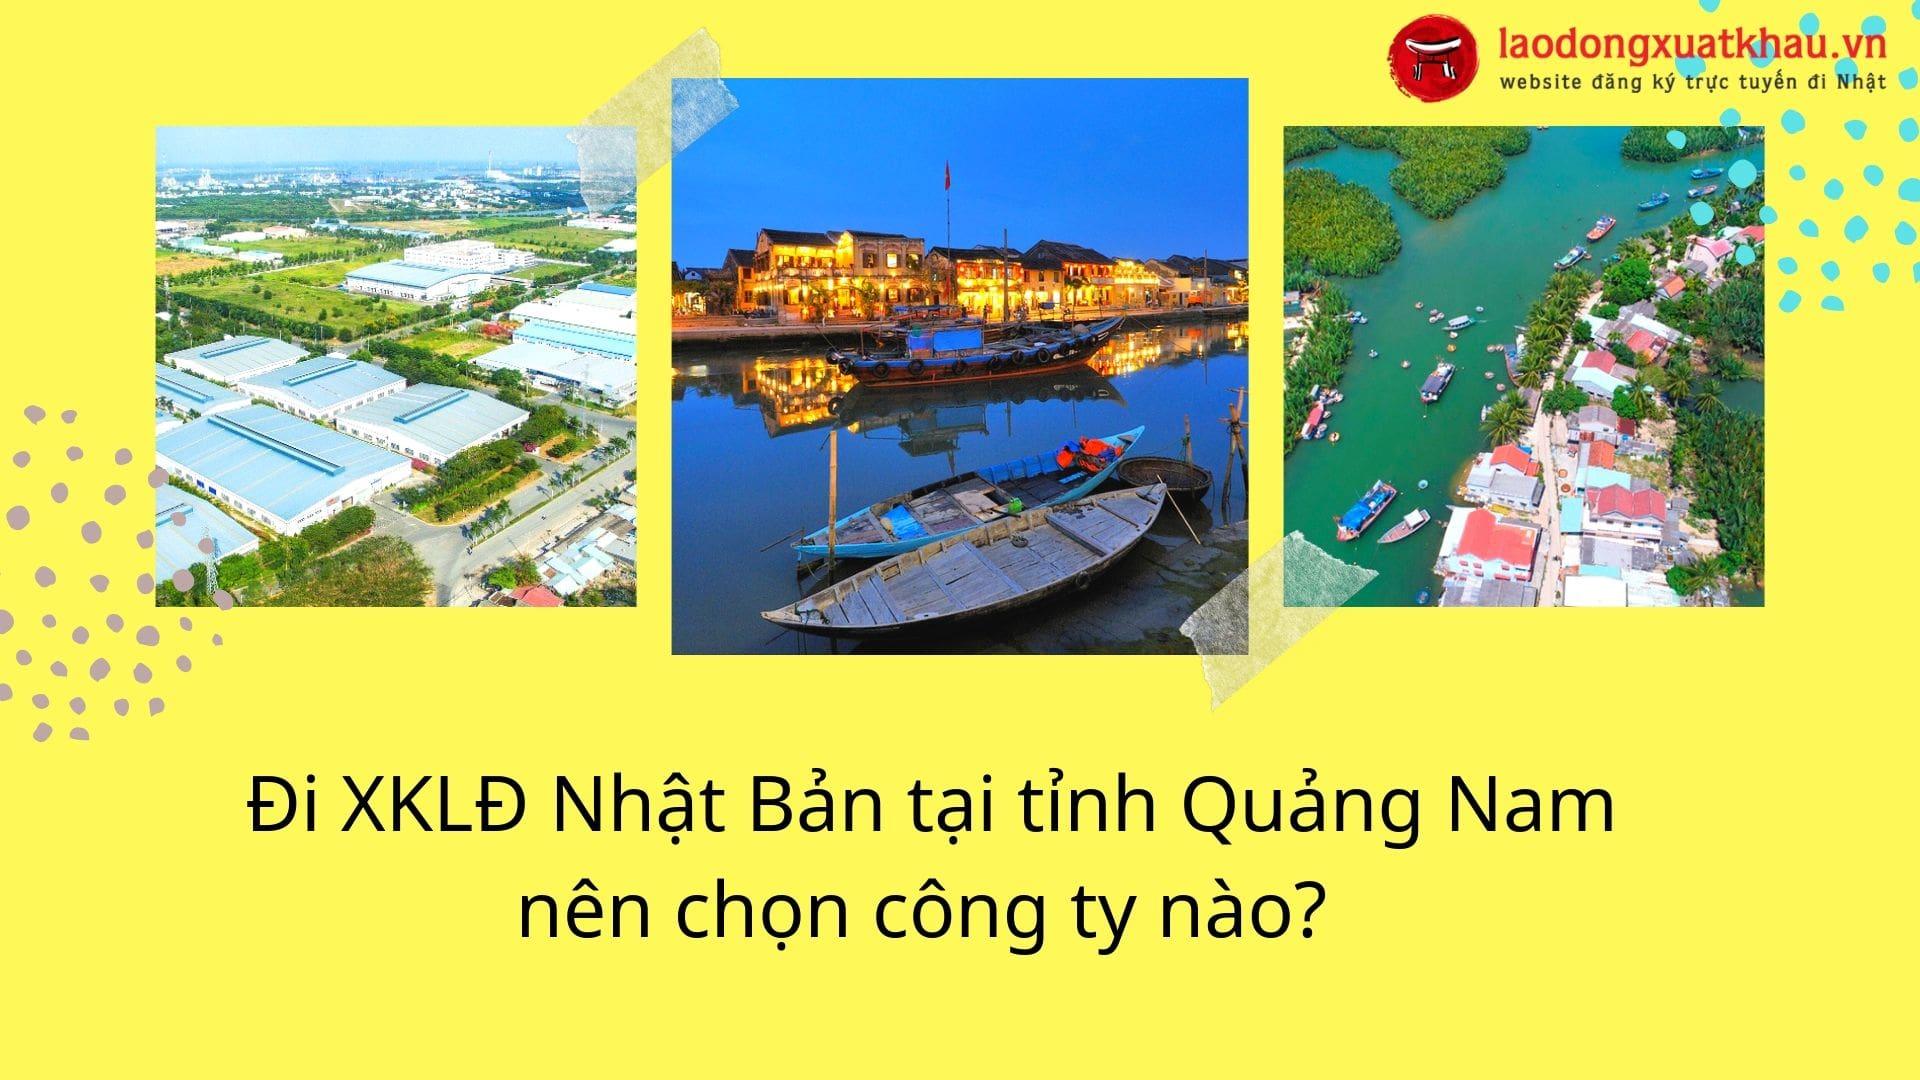 Mách bạn địa chỉ công ty xuất khẩu lao động Nhật Bản tại Quảng Nam uy tín